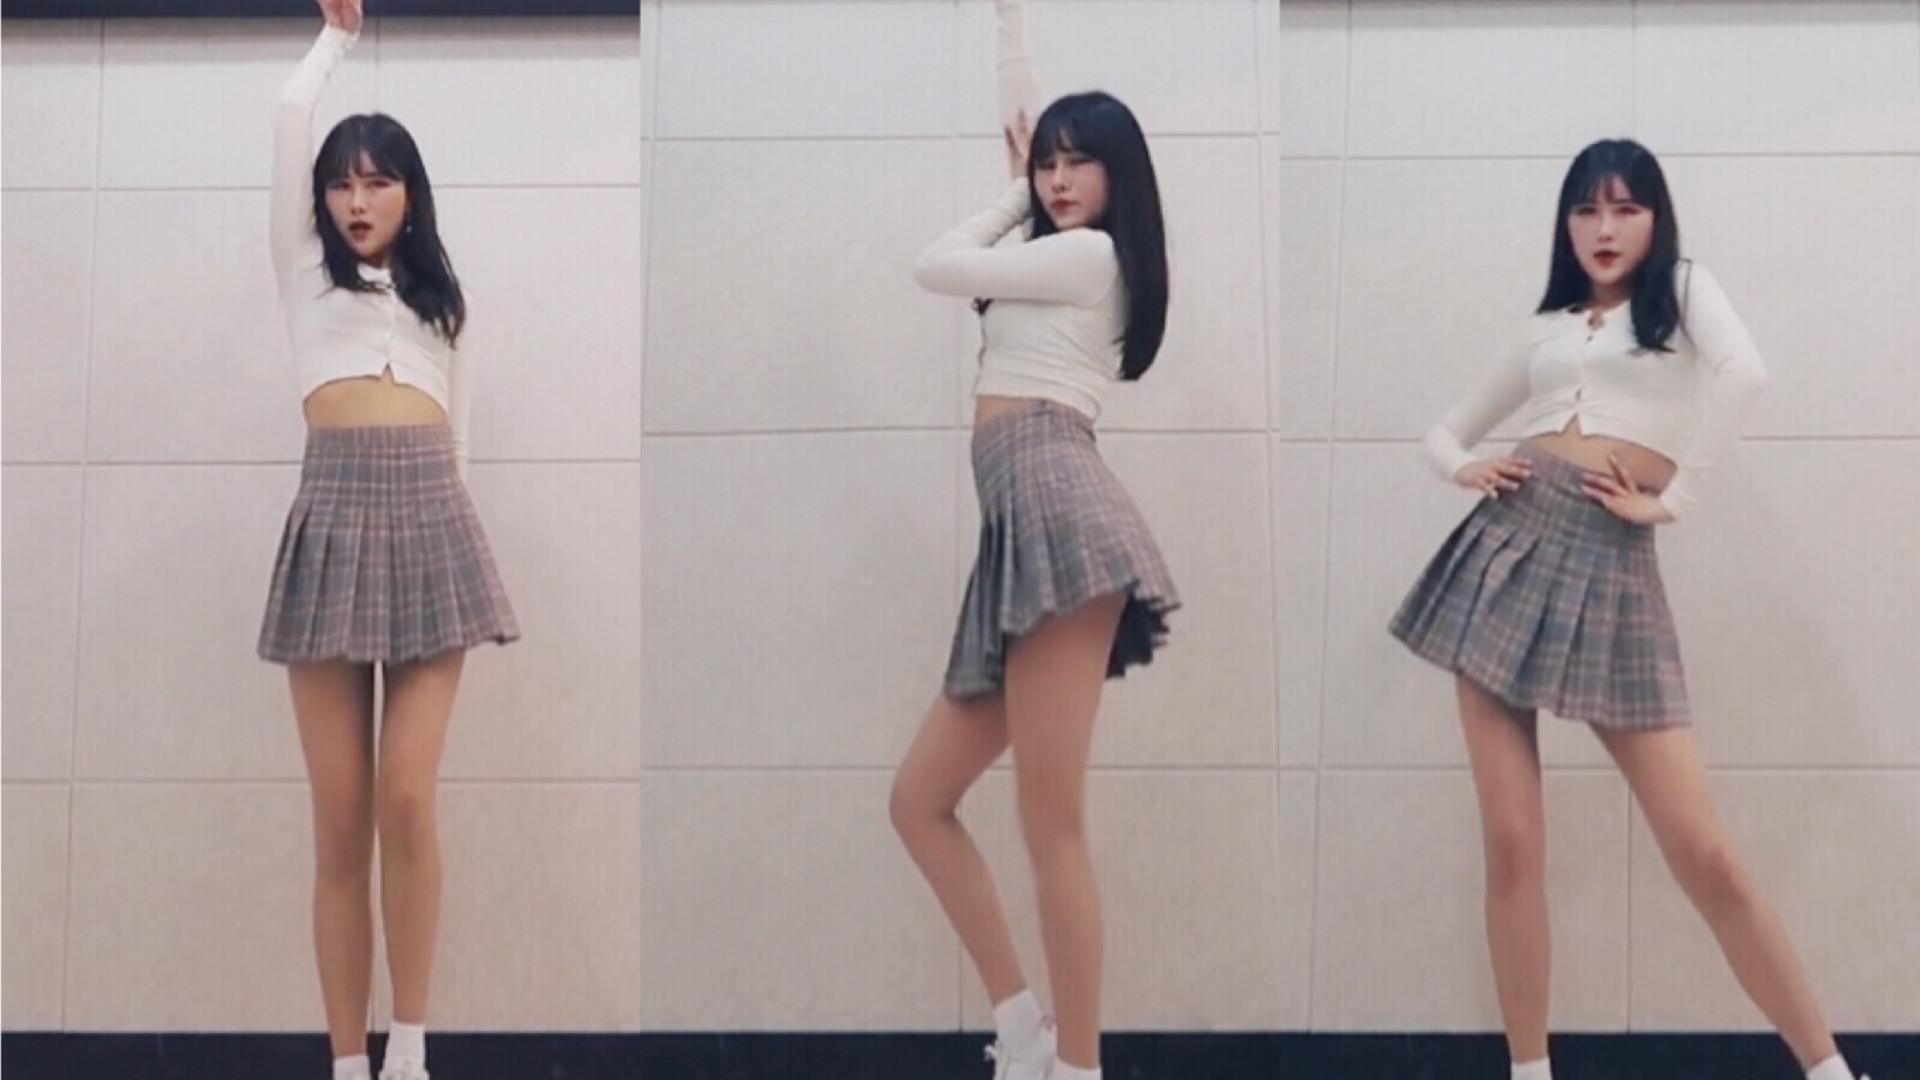 小姐姐的福利舞蹈,极品身材,短裙很sexy,大长腿是看点,美女腿控福利